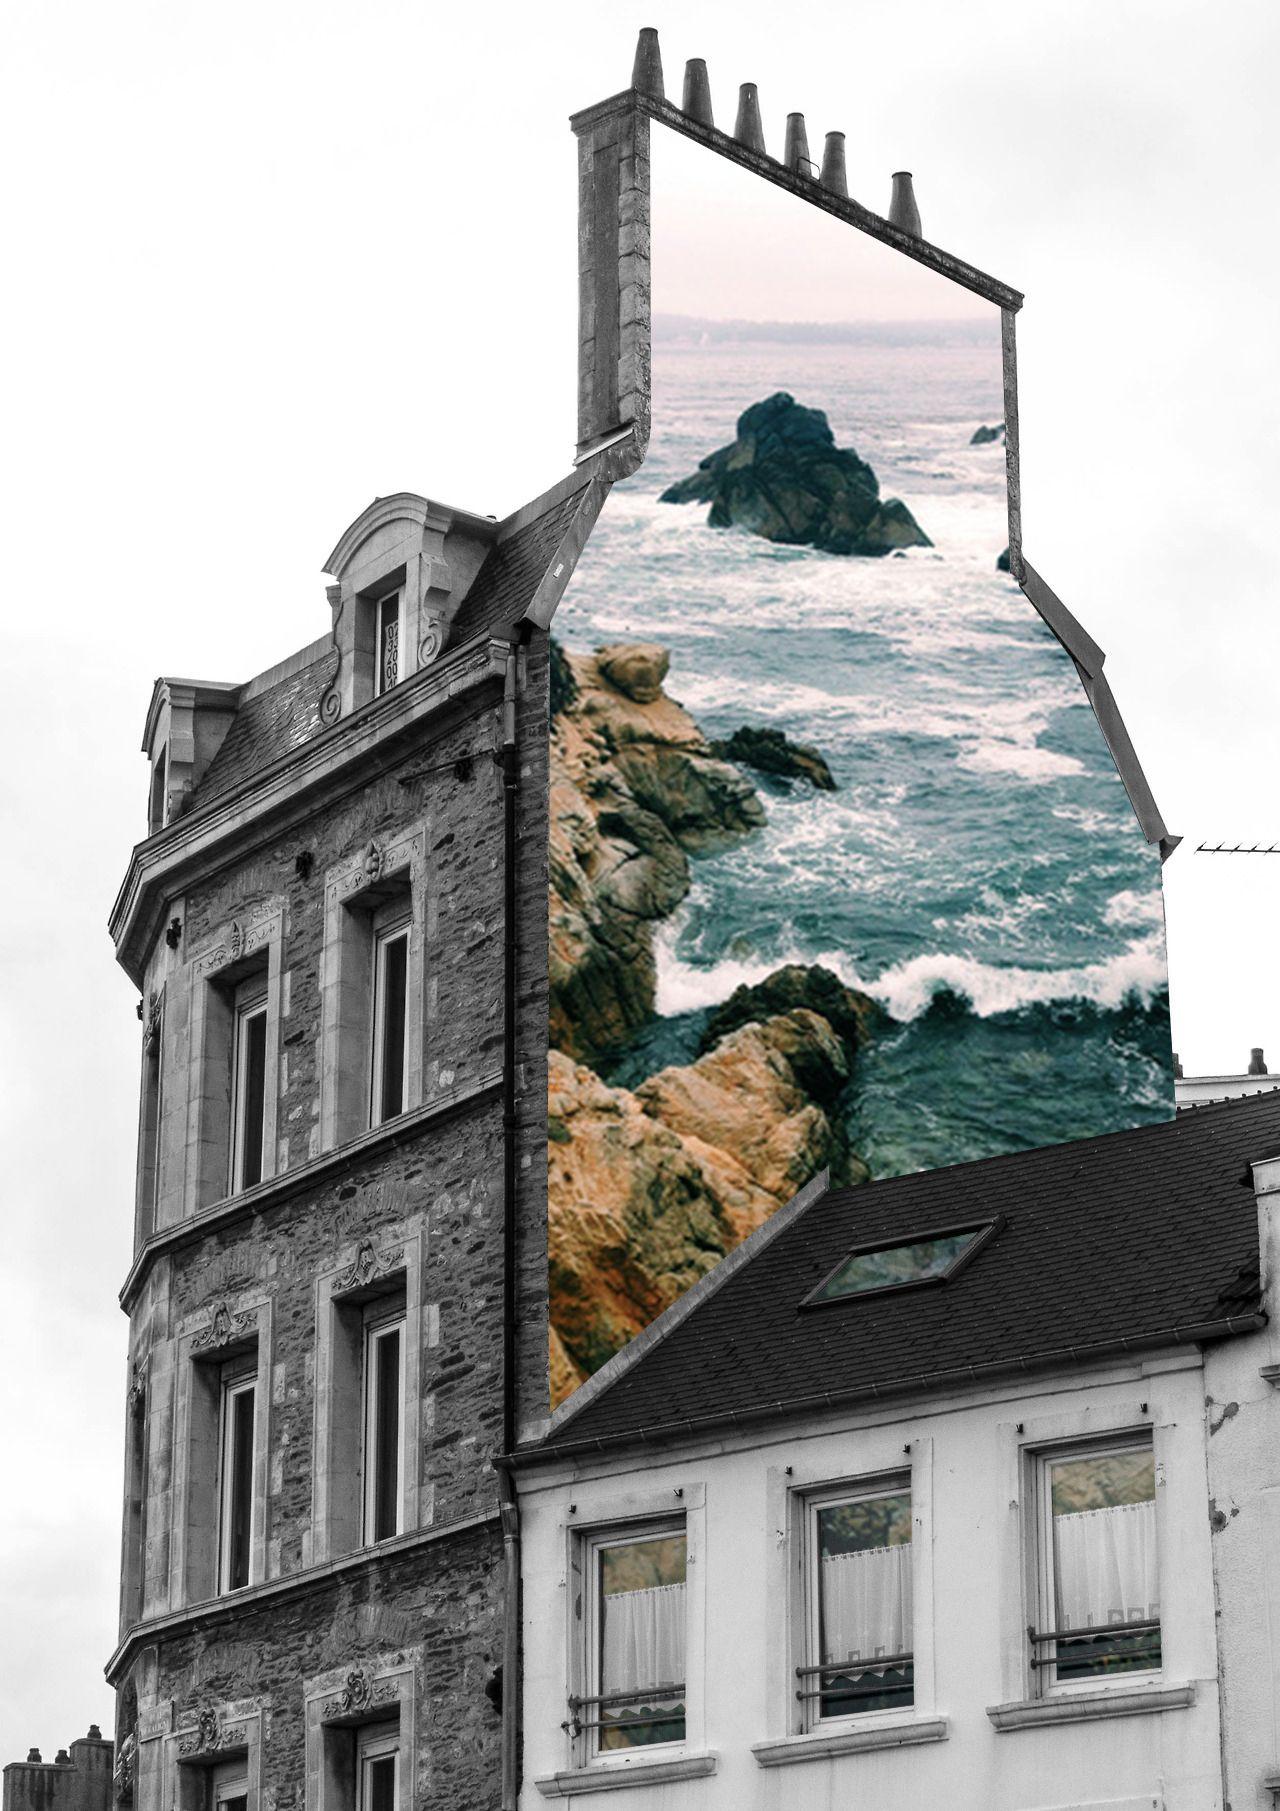 .Le niveau de la mer monte, là c'est sûr ! / Street art. / By Merve özaslan.